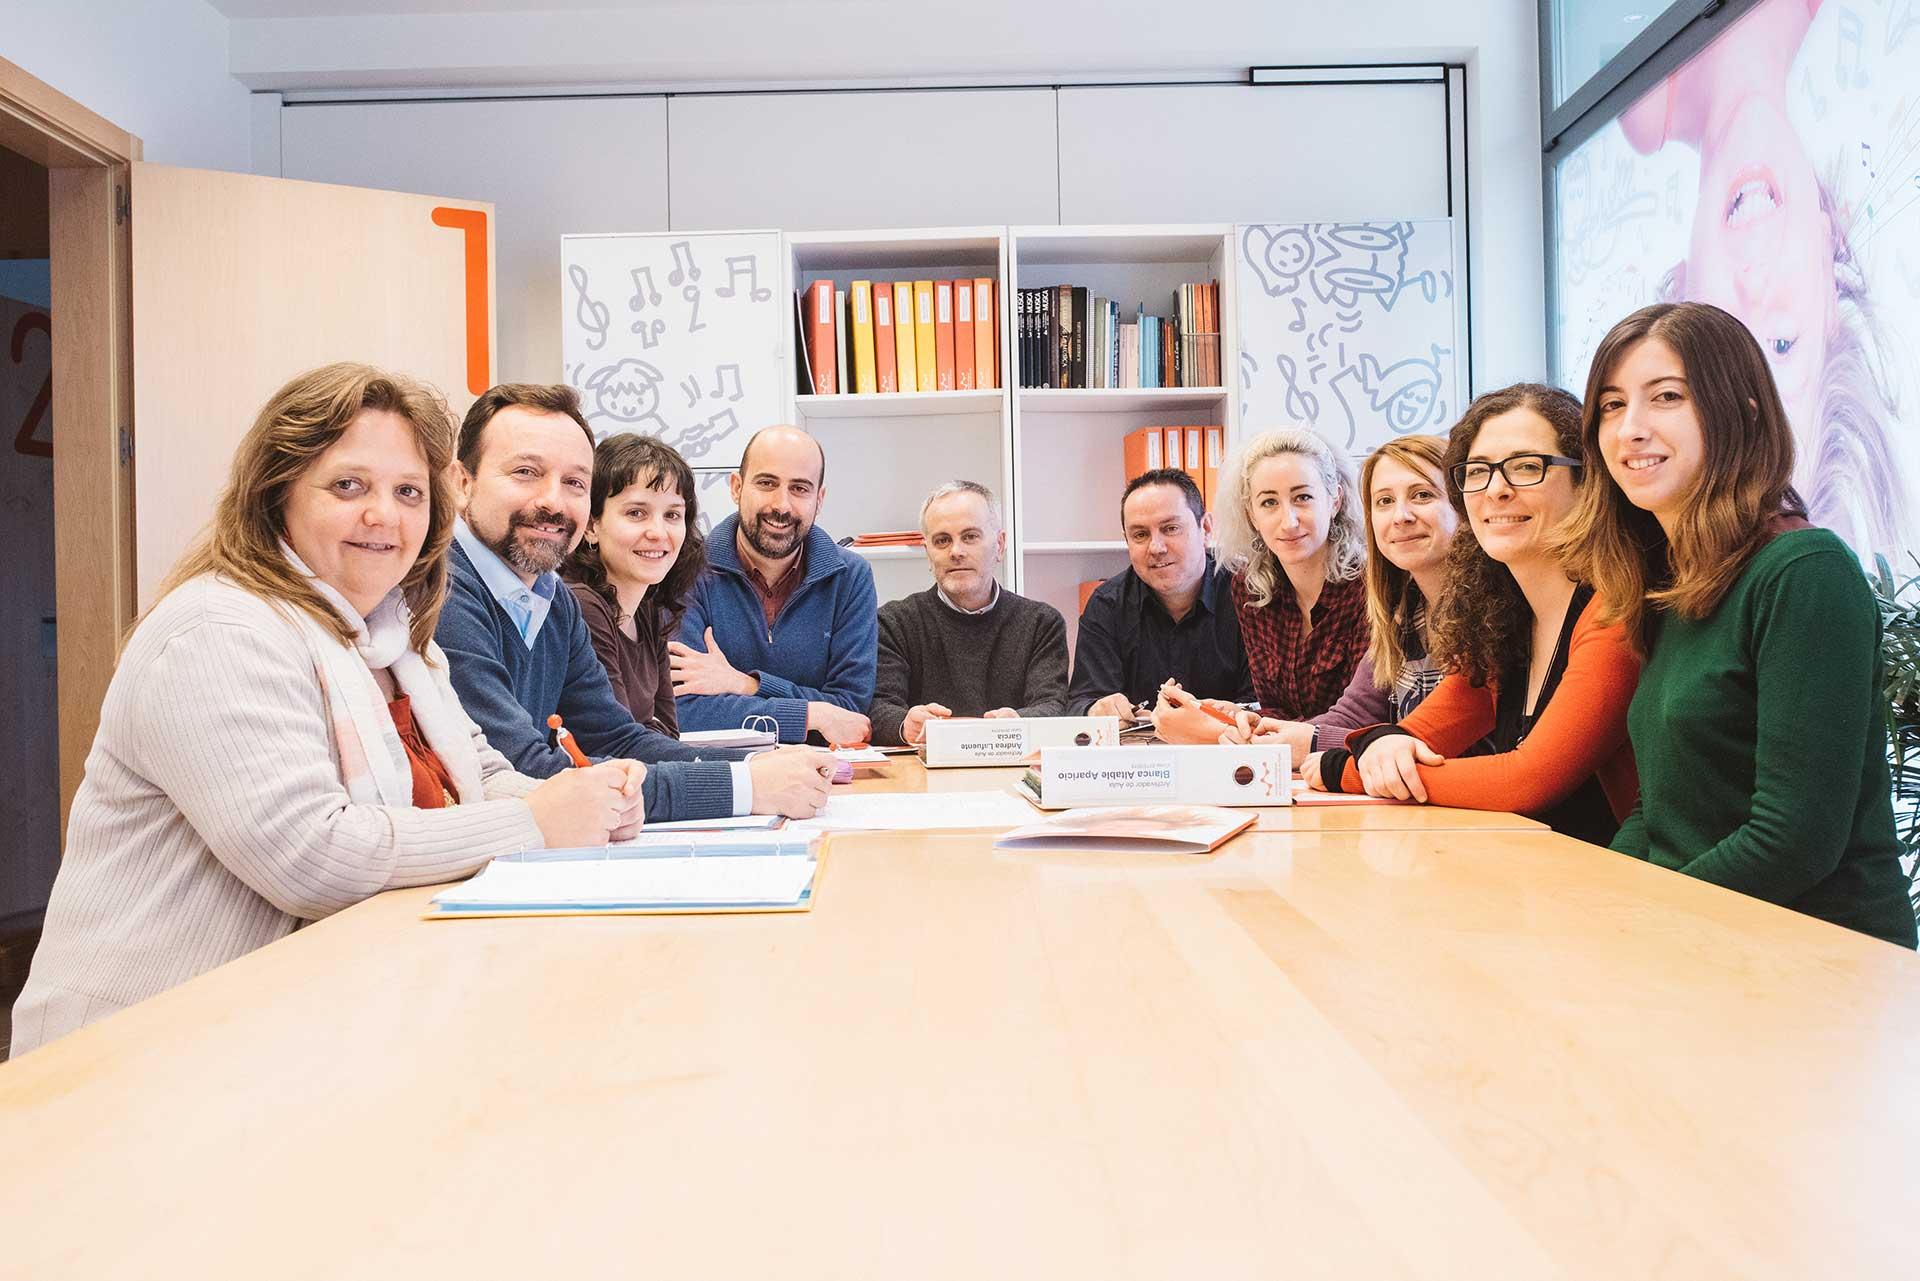 Equipo docente Escuela Intergral de Musica Burgos